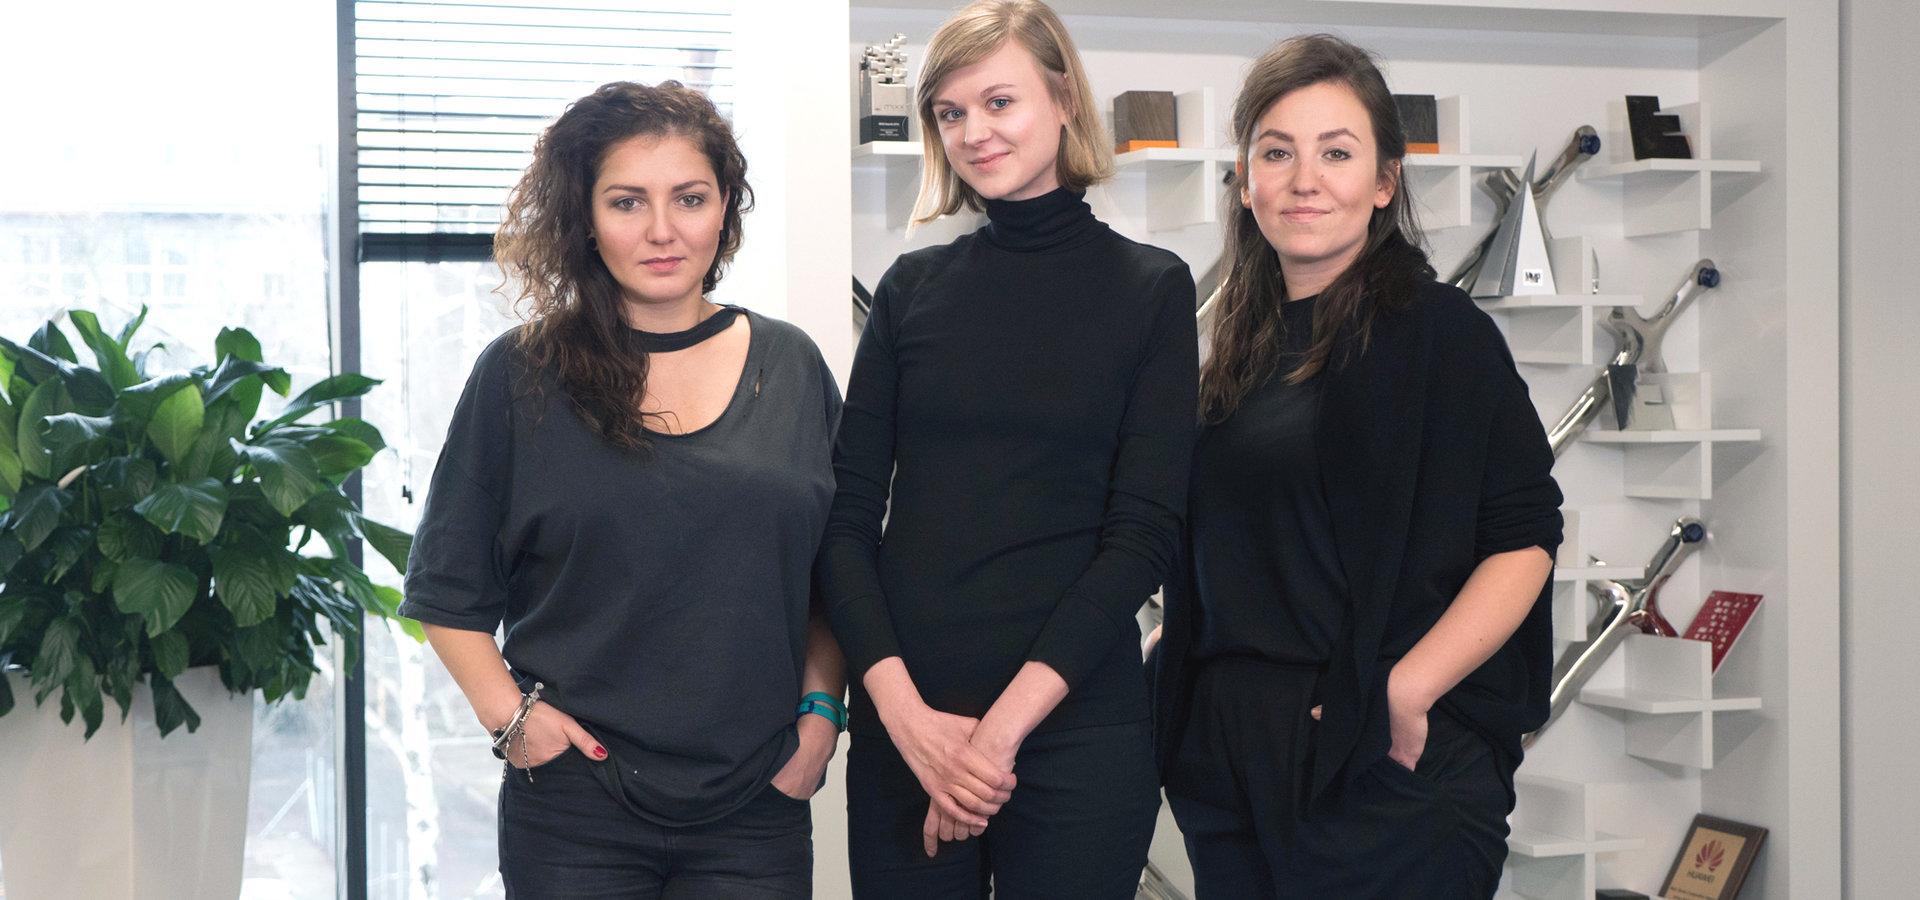 Staszczak, Weisgerber oraz Smolińska dołączają do teamu kreatywnego Lubię to - linked by Isobar